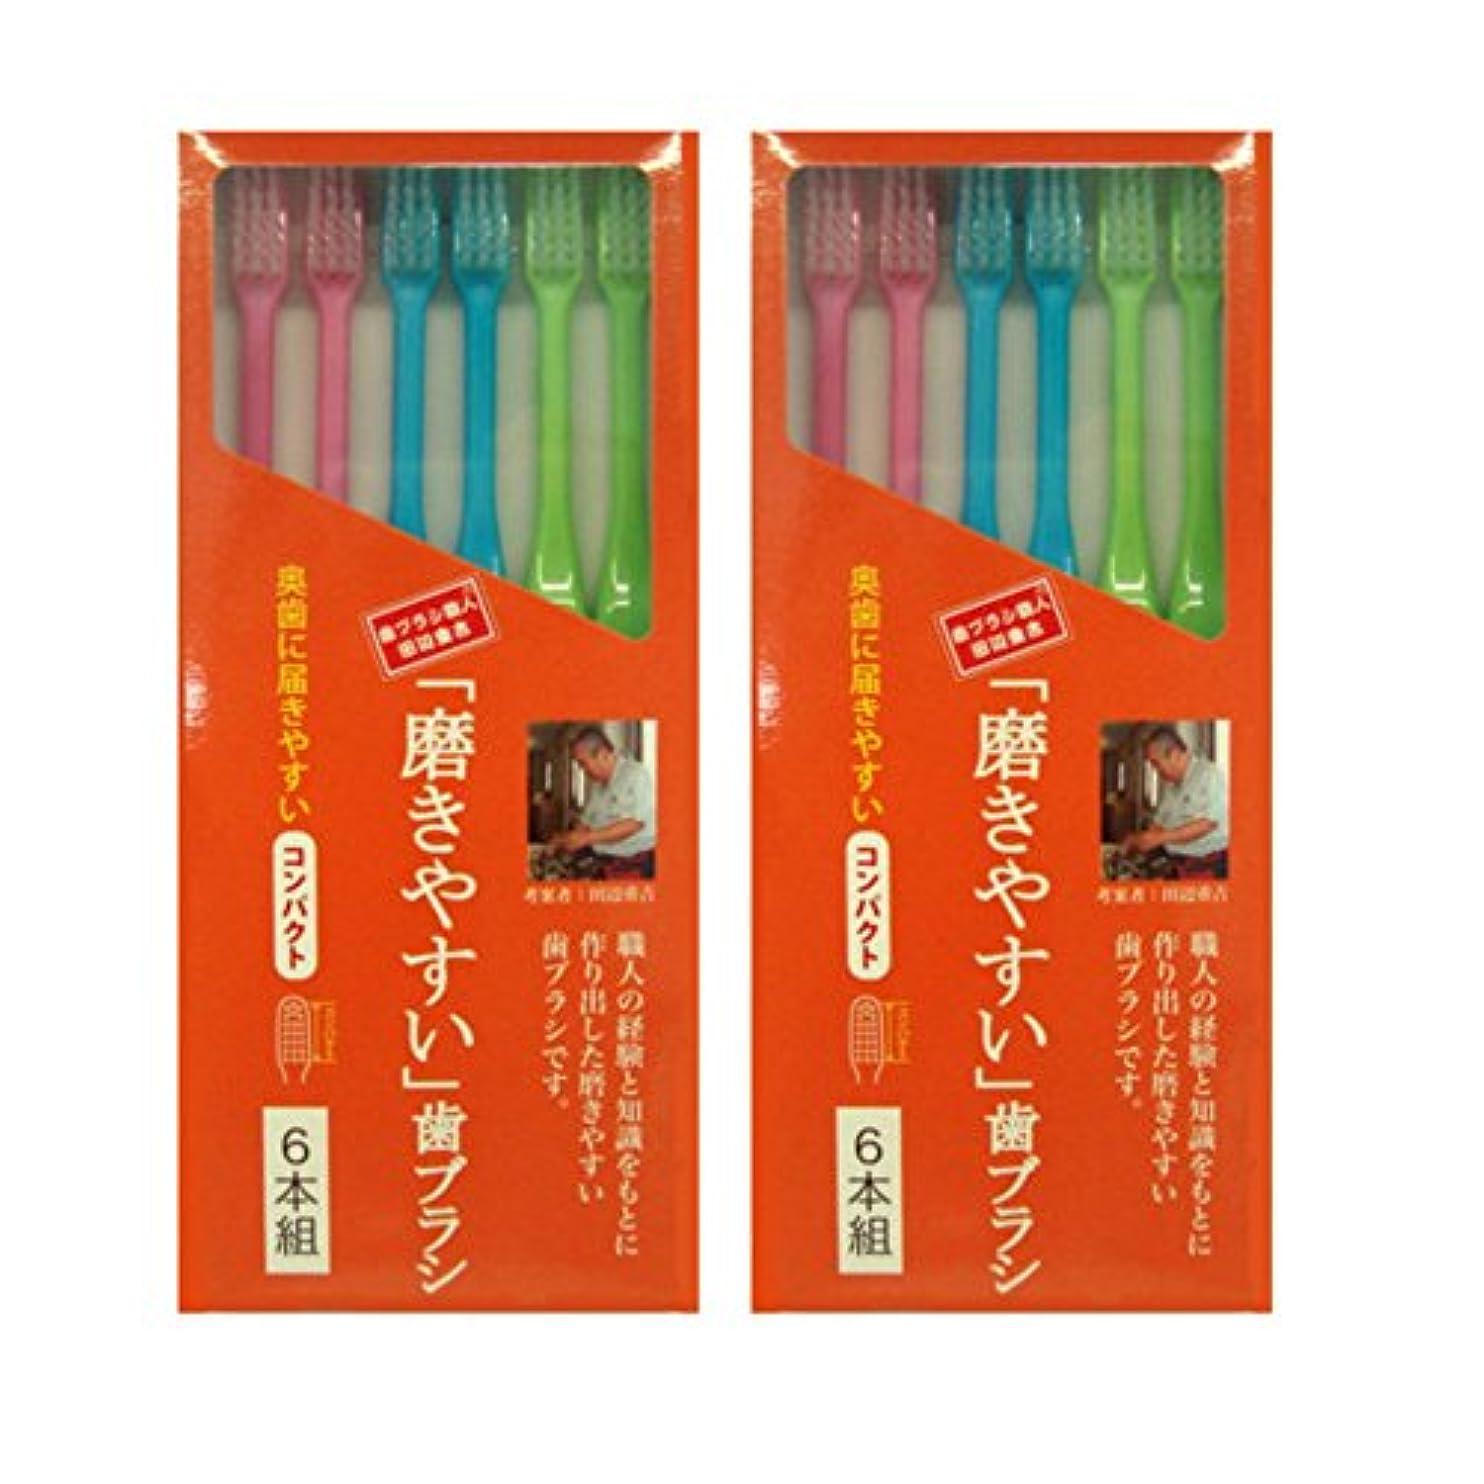 避ける苦しむ代表して磨きやすい歯ブラシ コンパクトタイプ 6本組×2個セット (計12本)